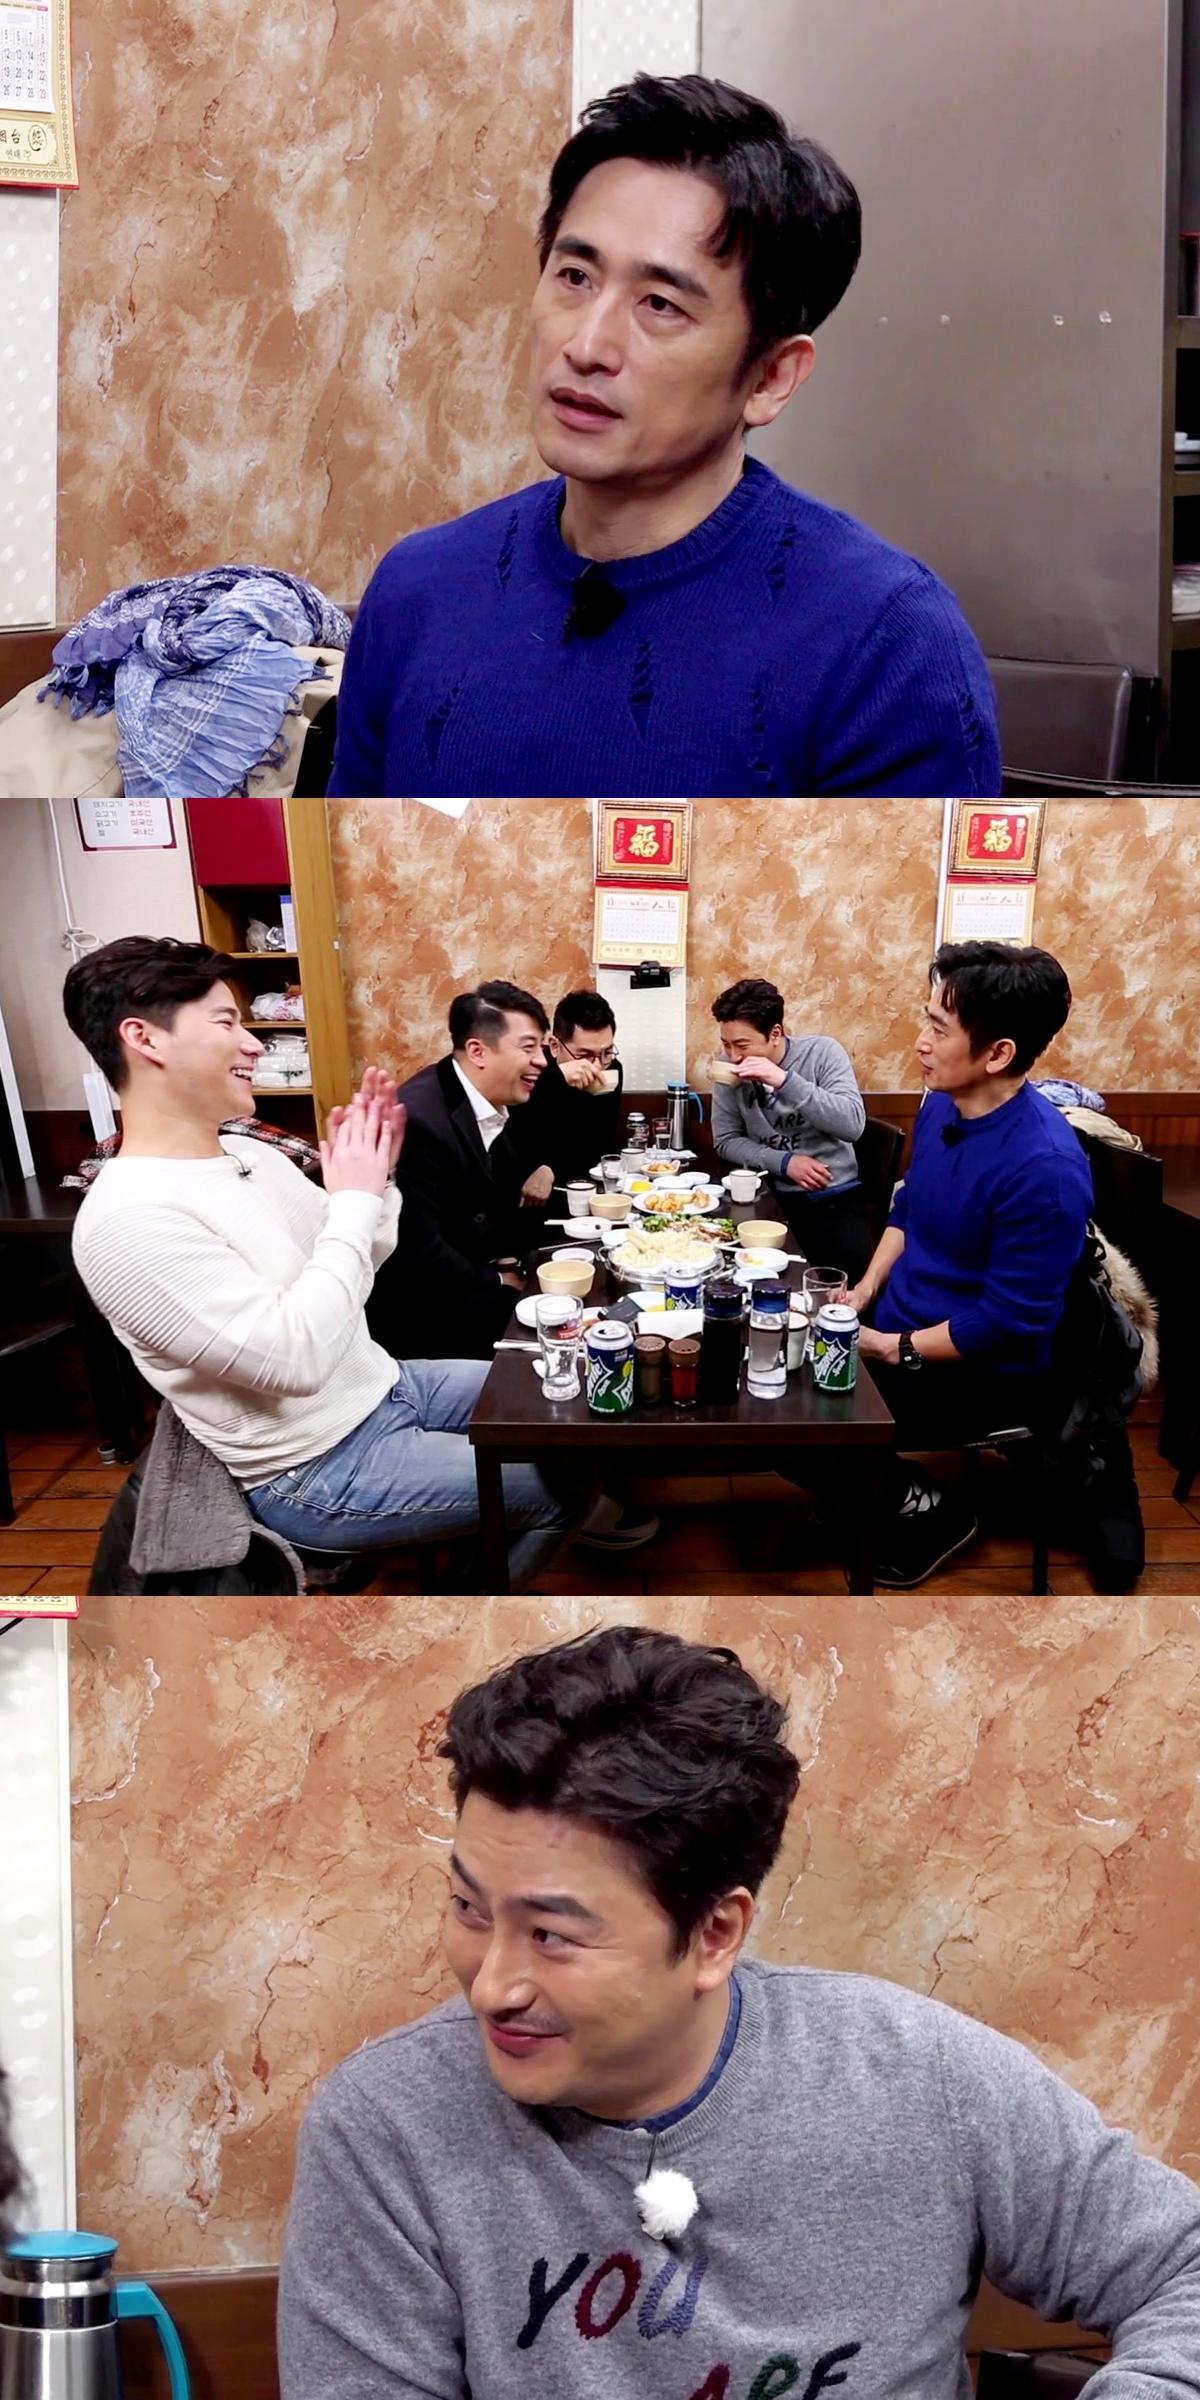 '궁민남편' 차인표, 굴욕 에피소드 공개... 첫 데뷔작-첫 역할이 괴물이었다?